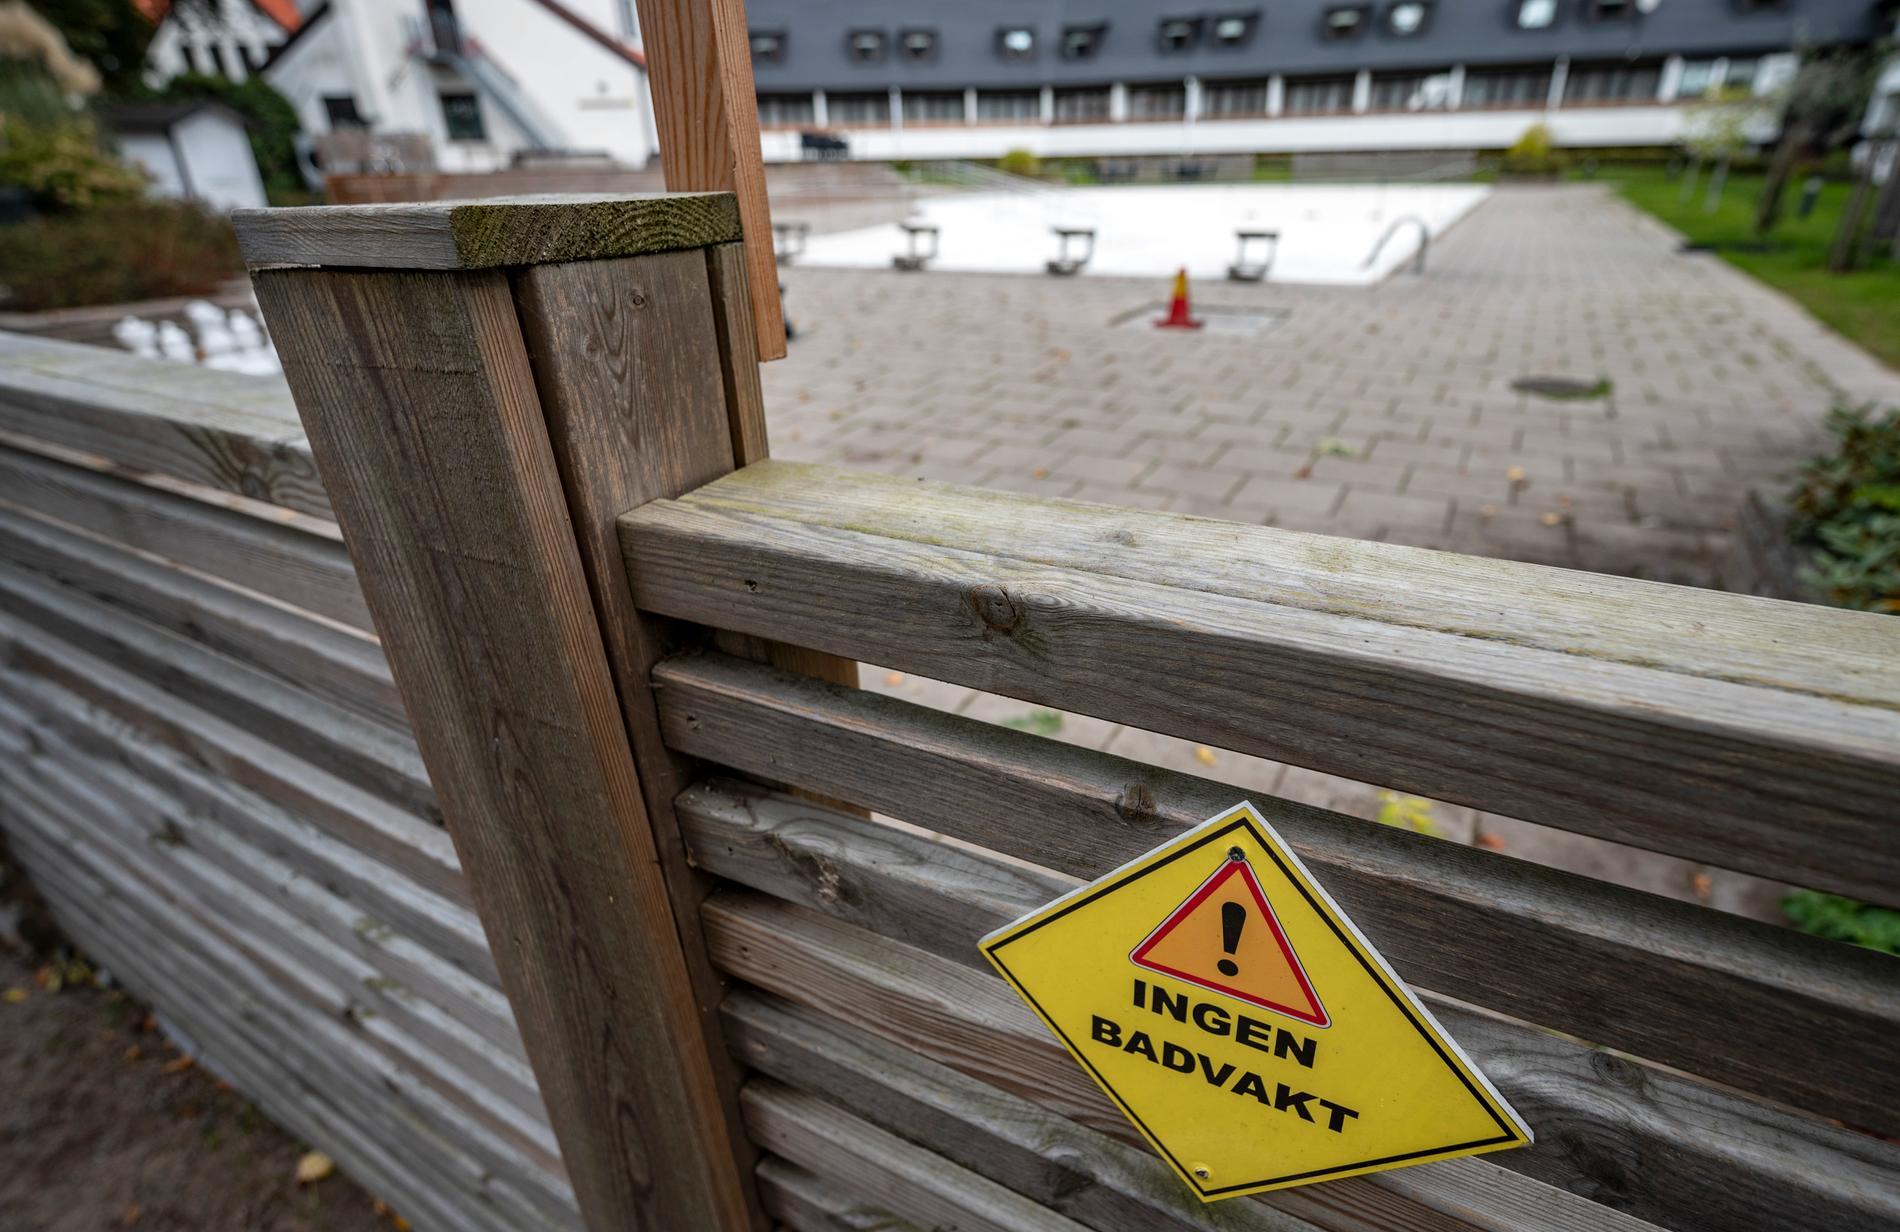 Hörbys kommundirektör har bekräftat att det förekom olämpligt beteende i samband med poolbad på en kommunal konferens, men att det kan förklaras med bristande omdöme.